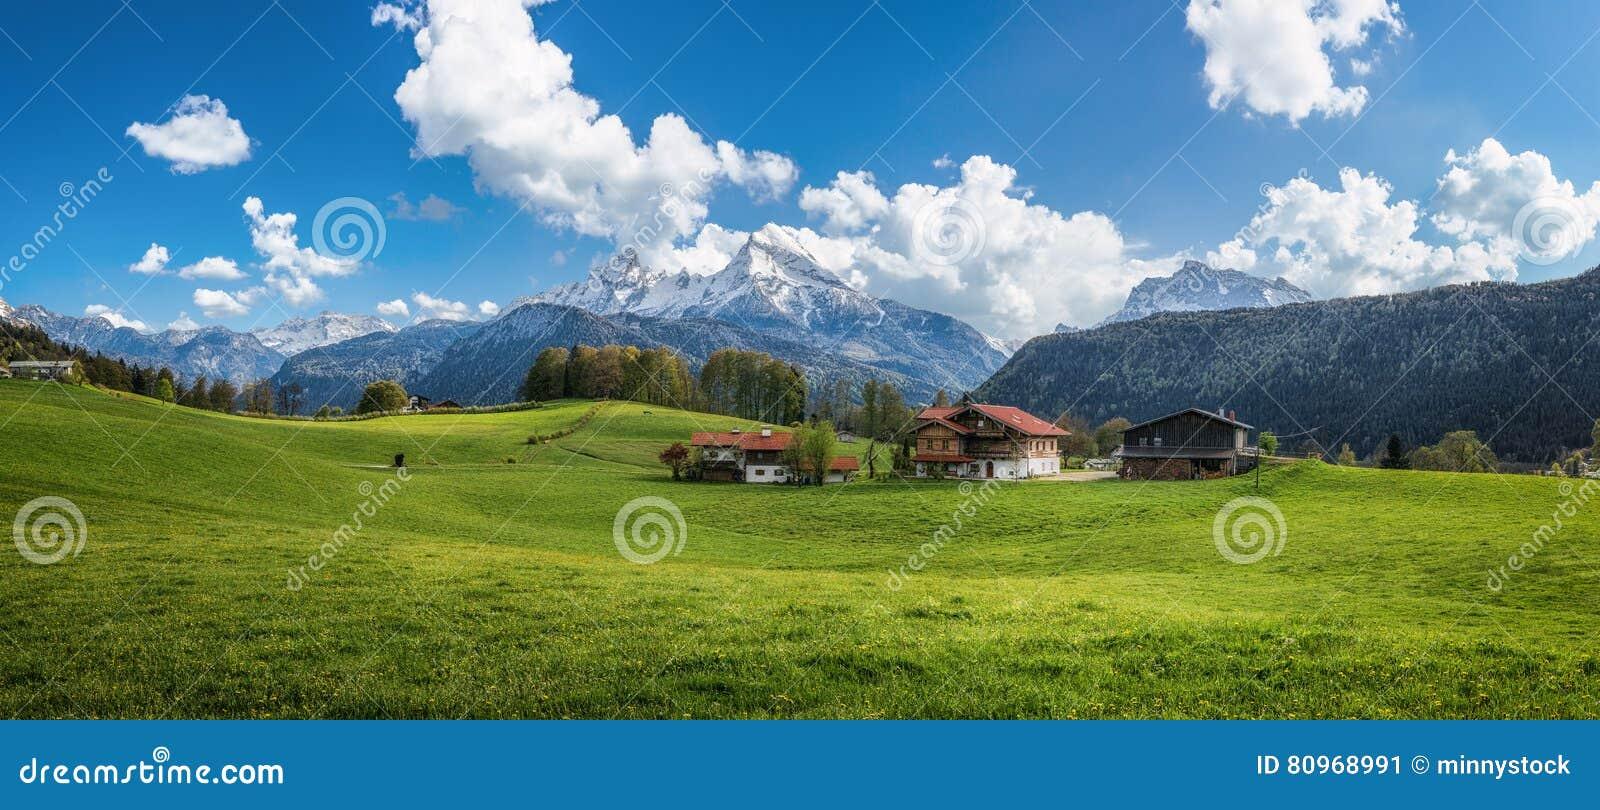 Idyllisch alpien landschap met groene weiden, boerderijen en snow-capped bergbovenkanten